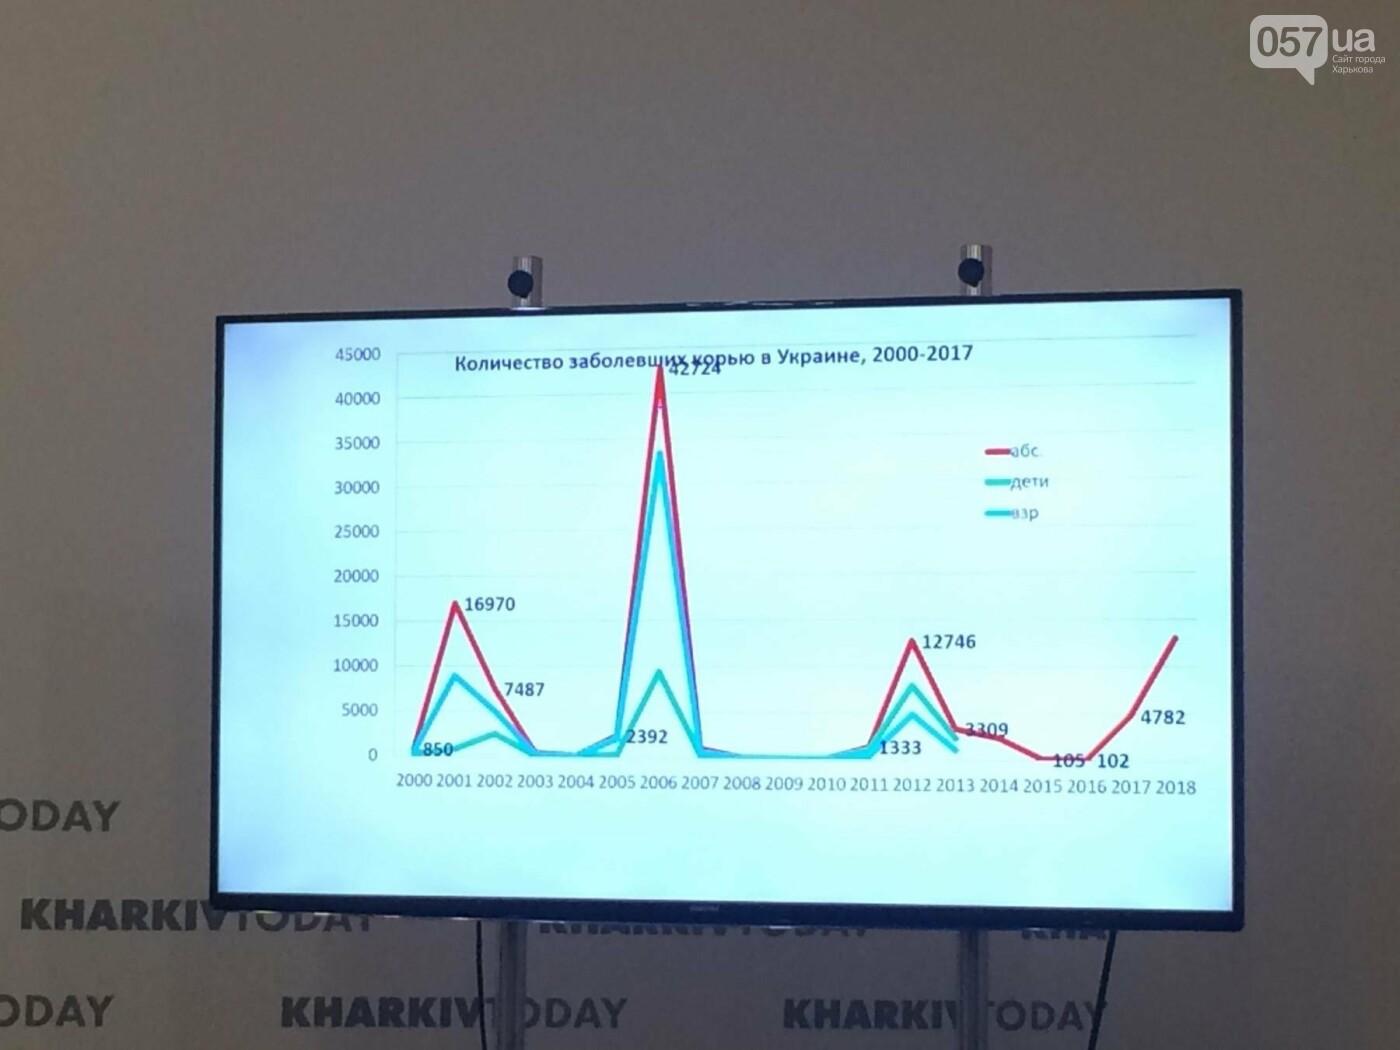 Вспышка кори в Украине: врачи-иммунологи призывают харьковчан вакцинироваться , фото-1